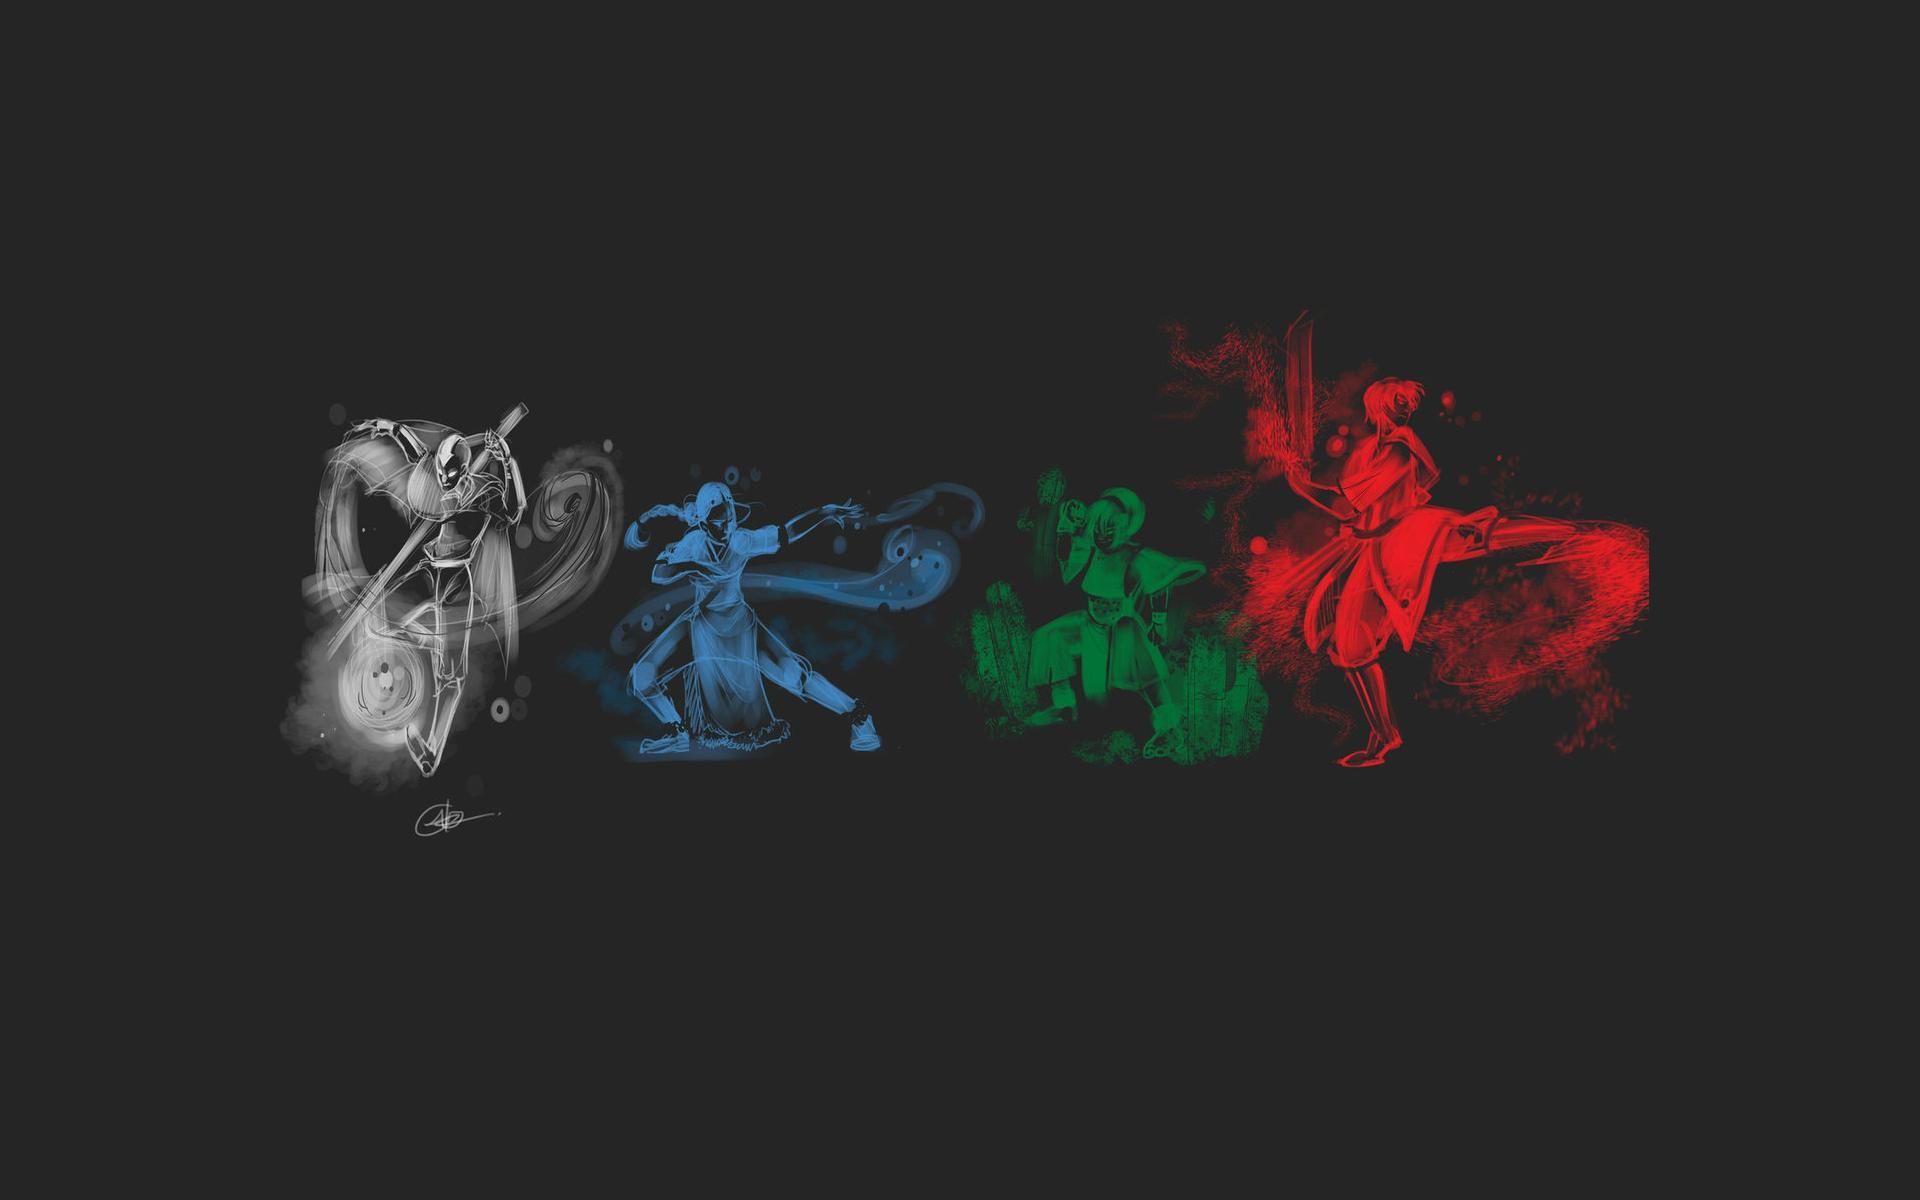 Avatar The Last Airbender wallpaper 1920x1200 50276 1920x1200